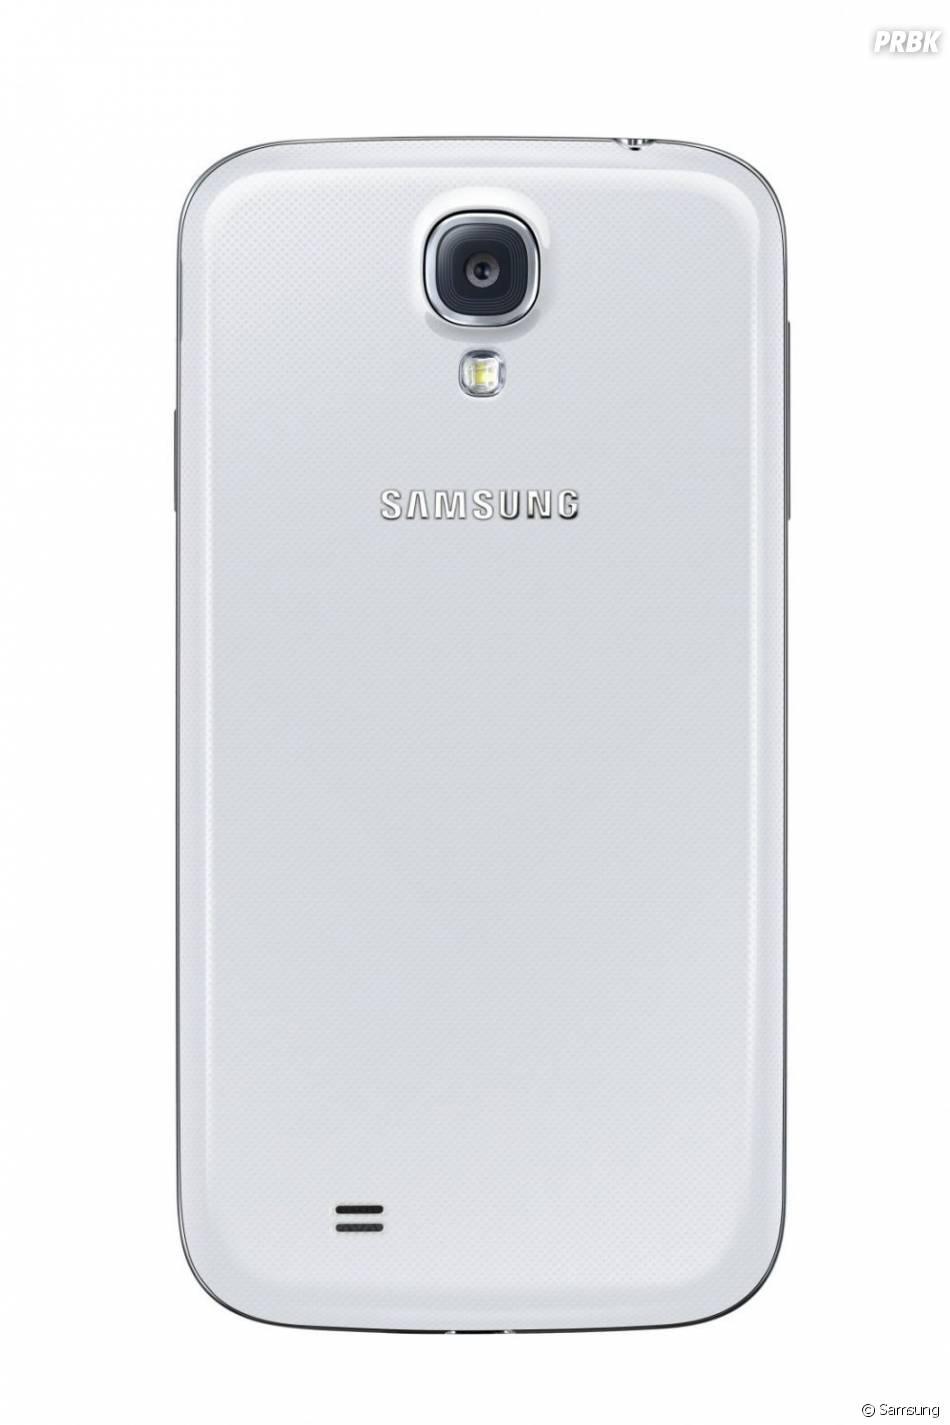 Le Samsung Galaxy S4 s'est déjà écoulé à 10 millions d'exemplaires